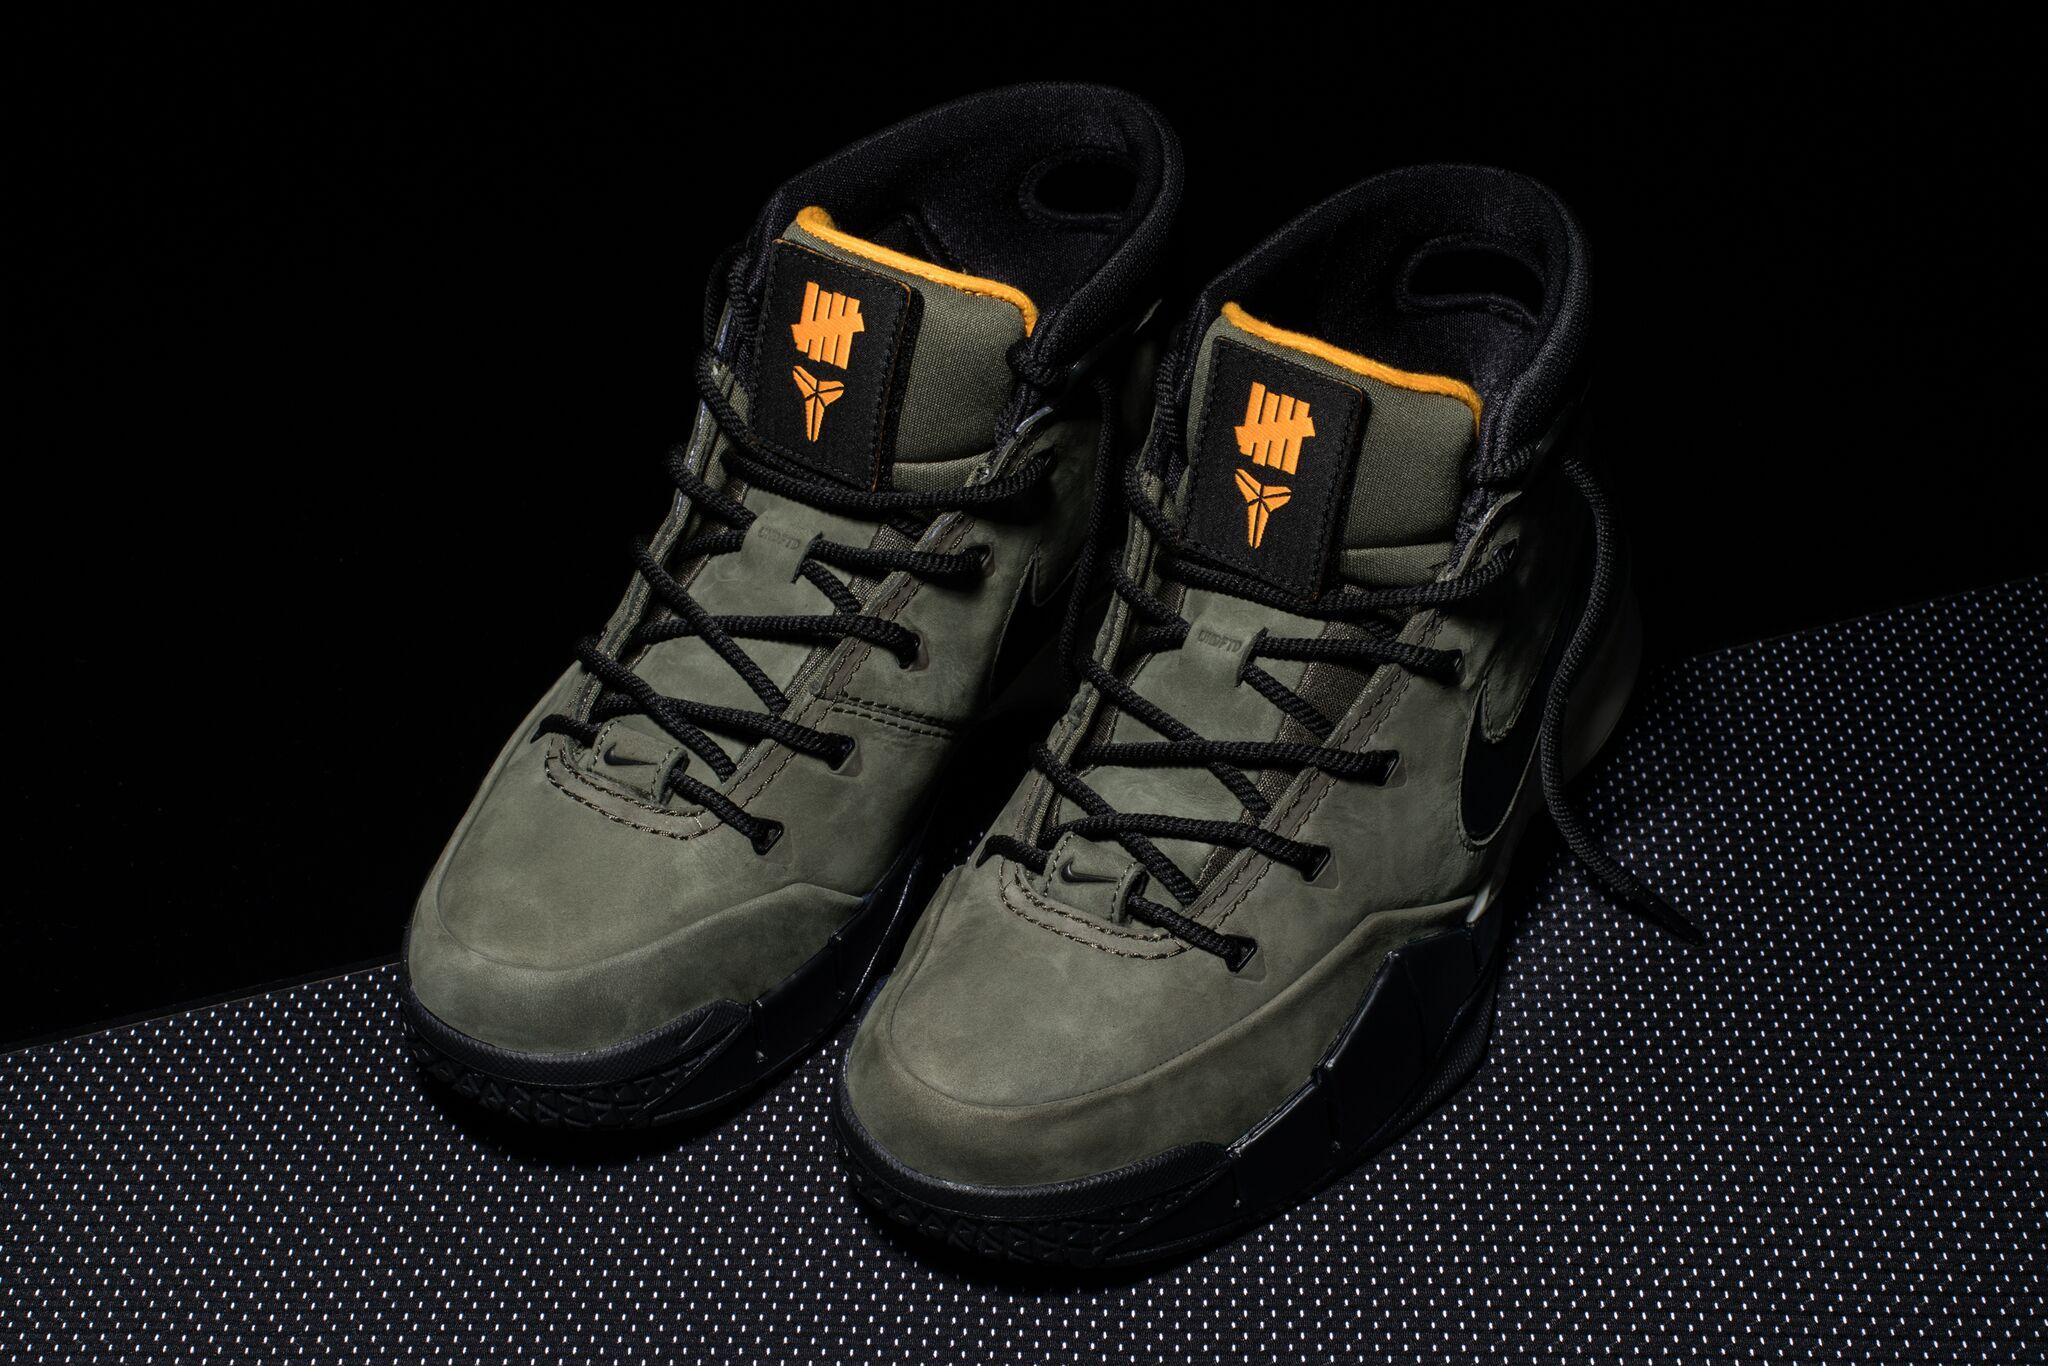 4fe3d469474b Nike-Kobe-1-Protro-UNDFTD-Flight-Jacket-6 - WearTesters